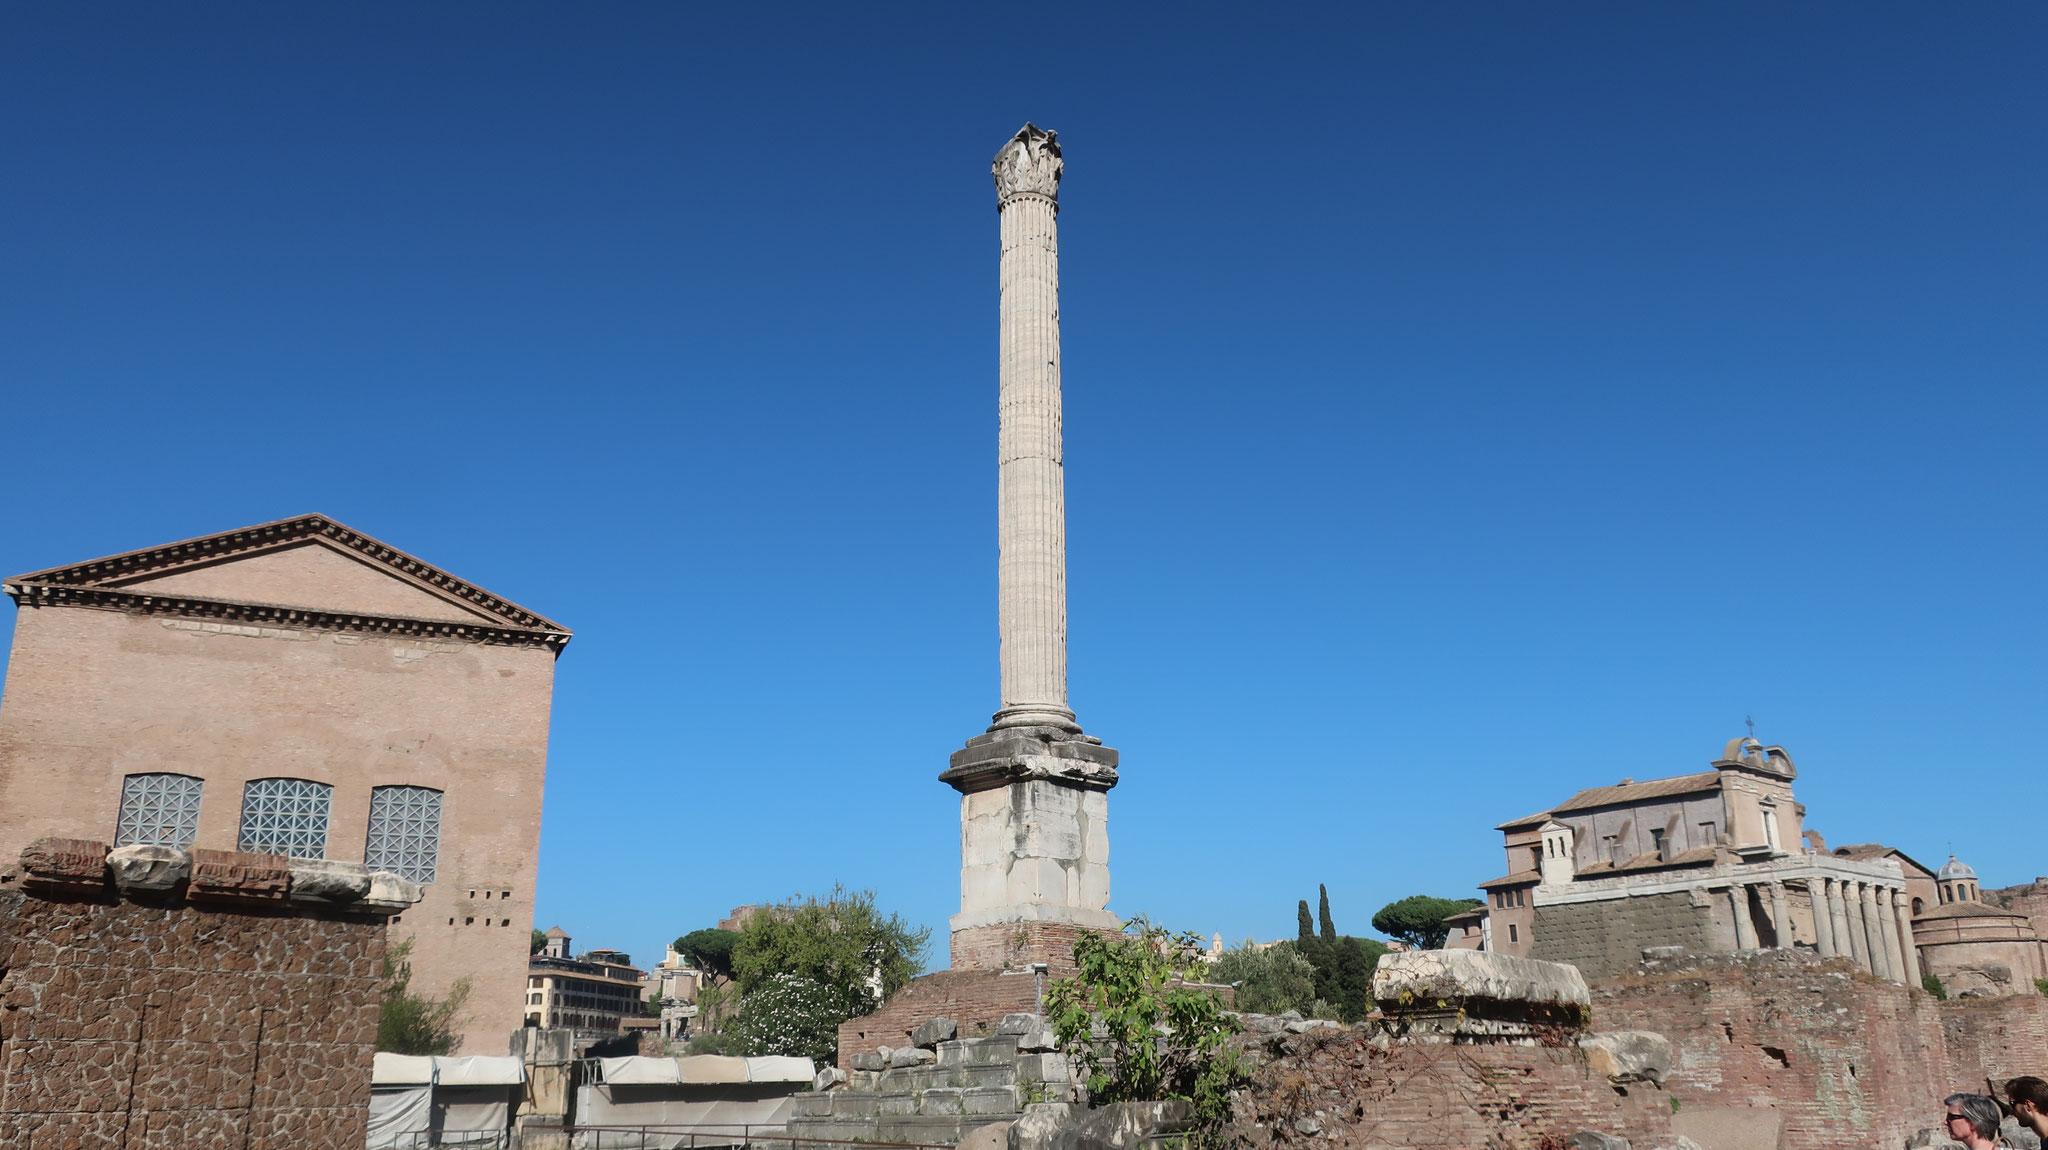 フォカス帝の記念柱